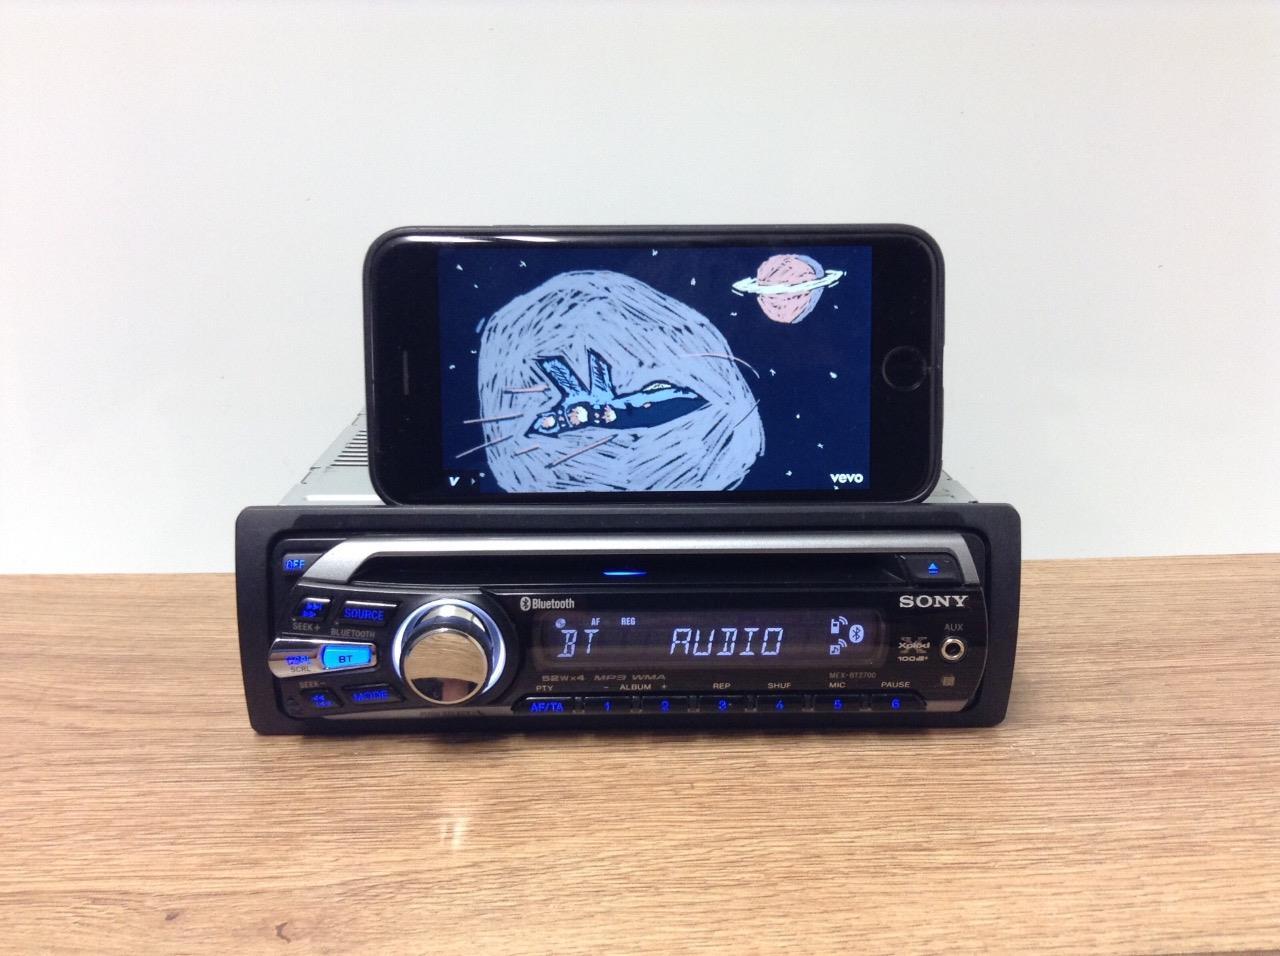 sony xplod radio 2008 silverado wiring diagram mex bt2700 car cd mp3 aux in bluetooth player